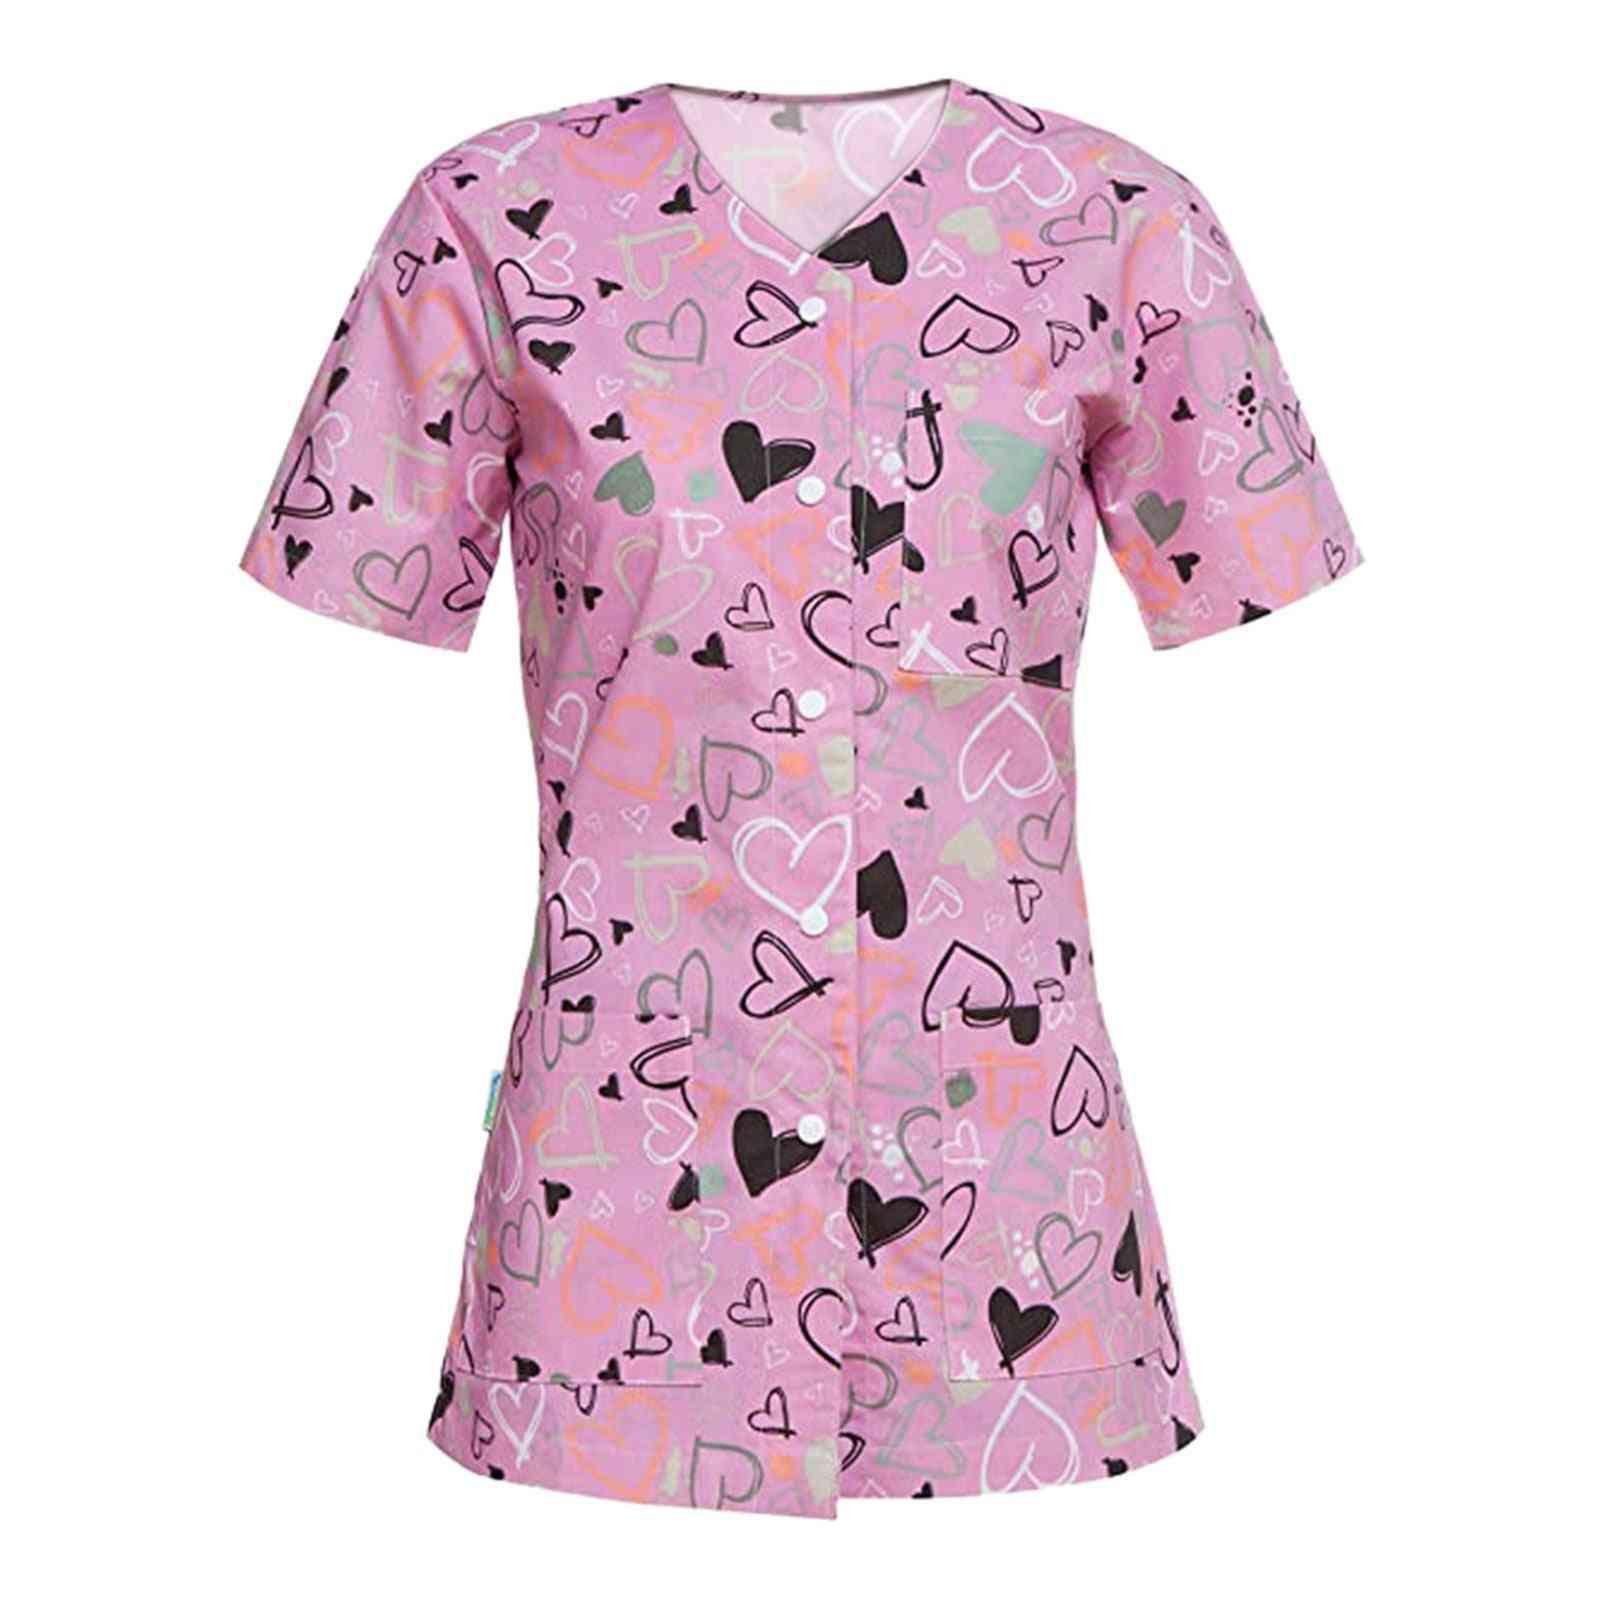 Women Cartoon Teeth Print Uniform Short Sleeve V-neck Buttons Tops